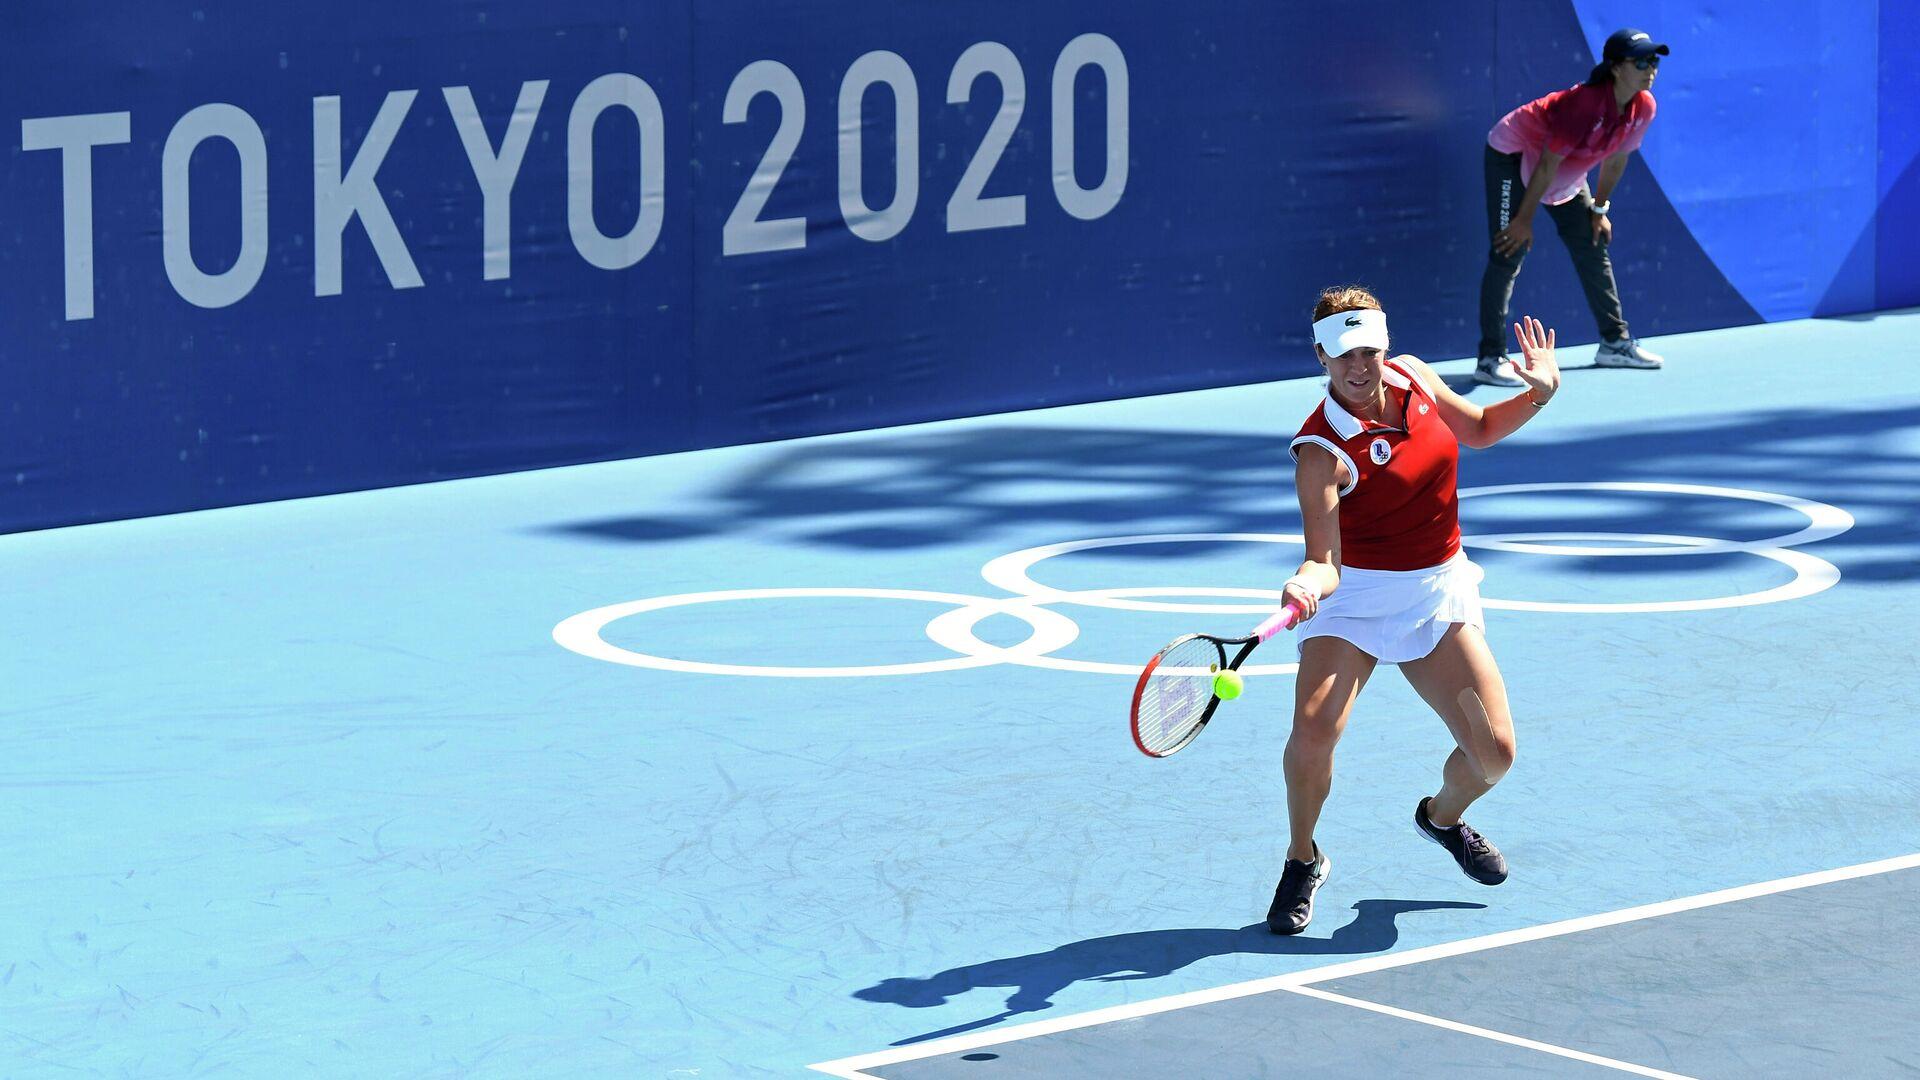 Анастасия Павлюченкова на Олимпийских играх в Токио - РИА Новости, 1920, 28.07.2021